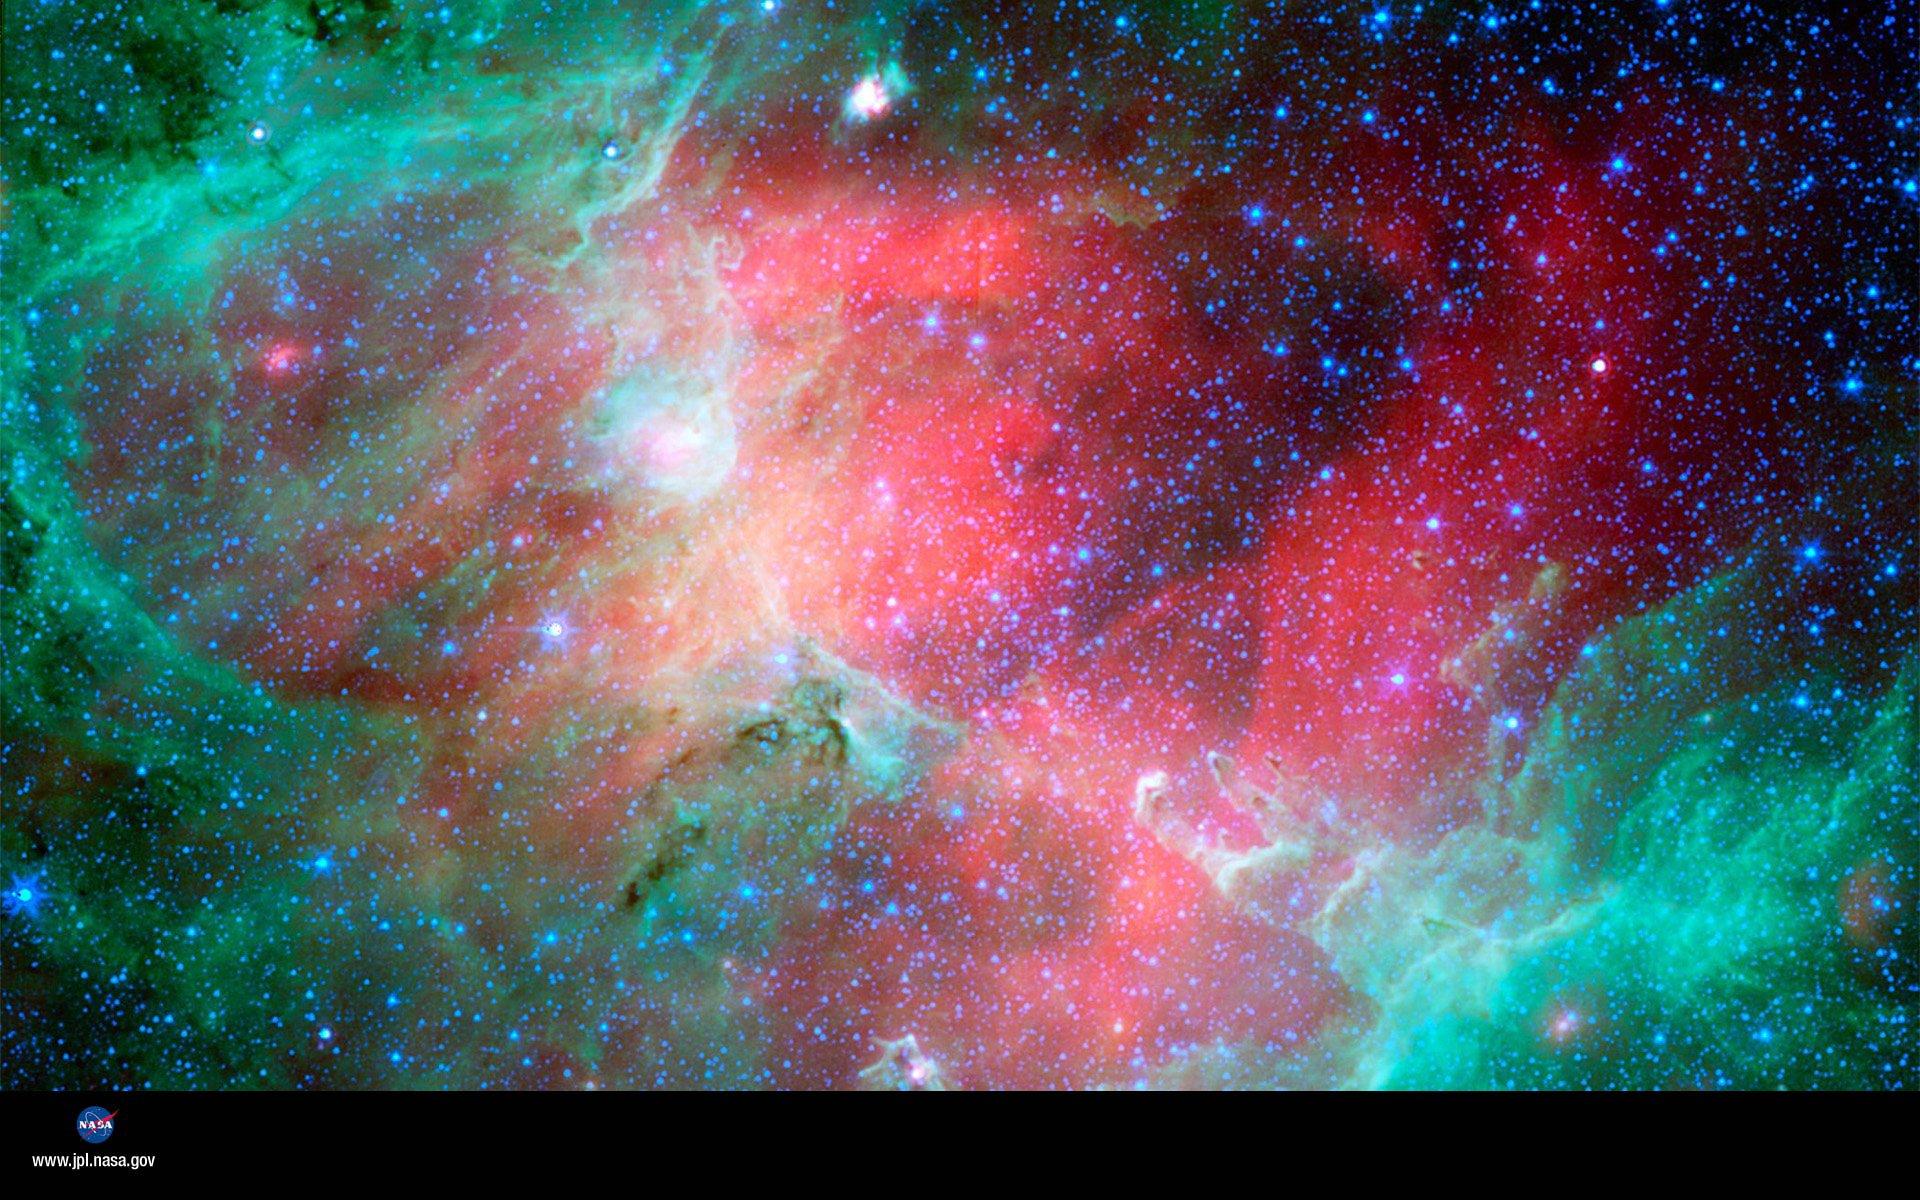 宇宙星云图片